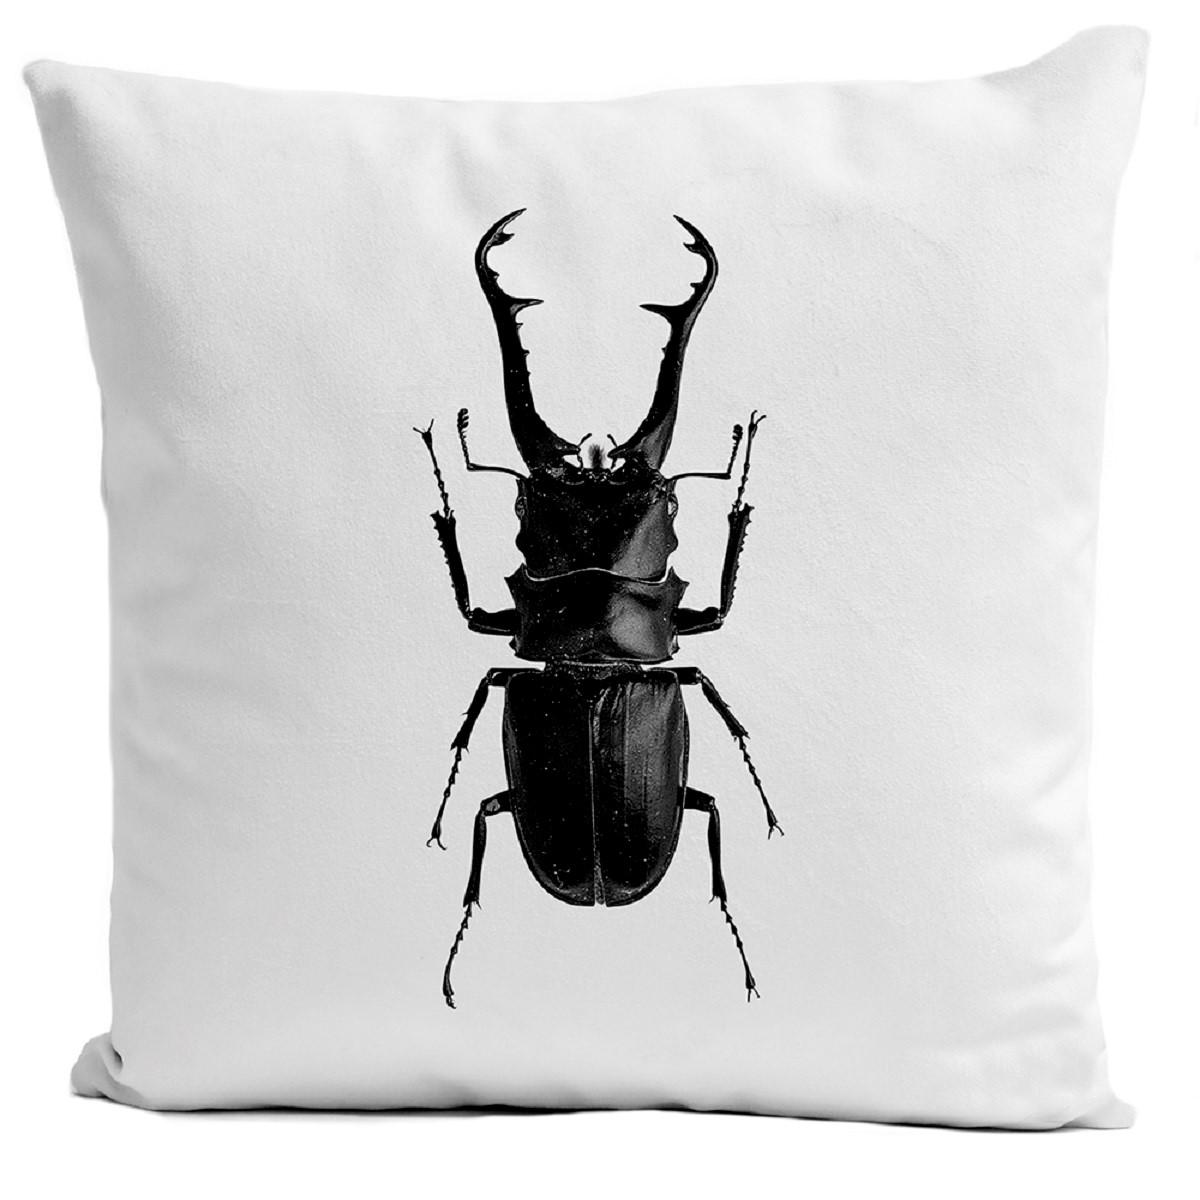 Coussin velours carré imprimé insectes blanc 60x60